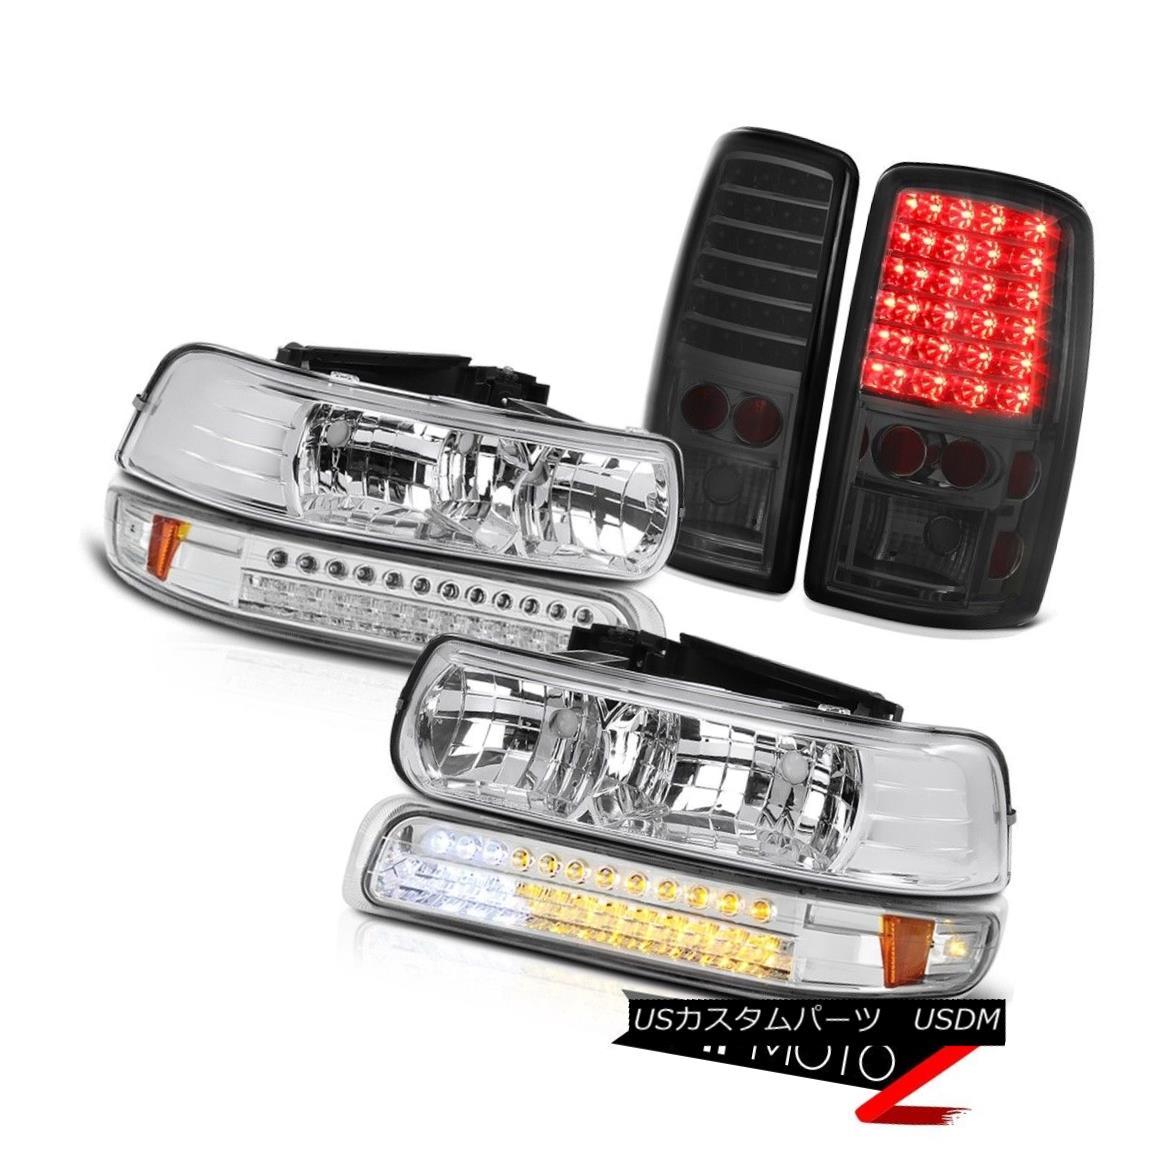 ヘッドライト 2000-2006 Chevy Suburban Crystal Headlights LED Chrome Bumper Smoke Taillights 2000-2006シボレー郊外のクリスタルヘッドライトLEDクロムバンパースモークティール